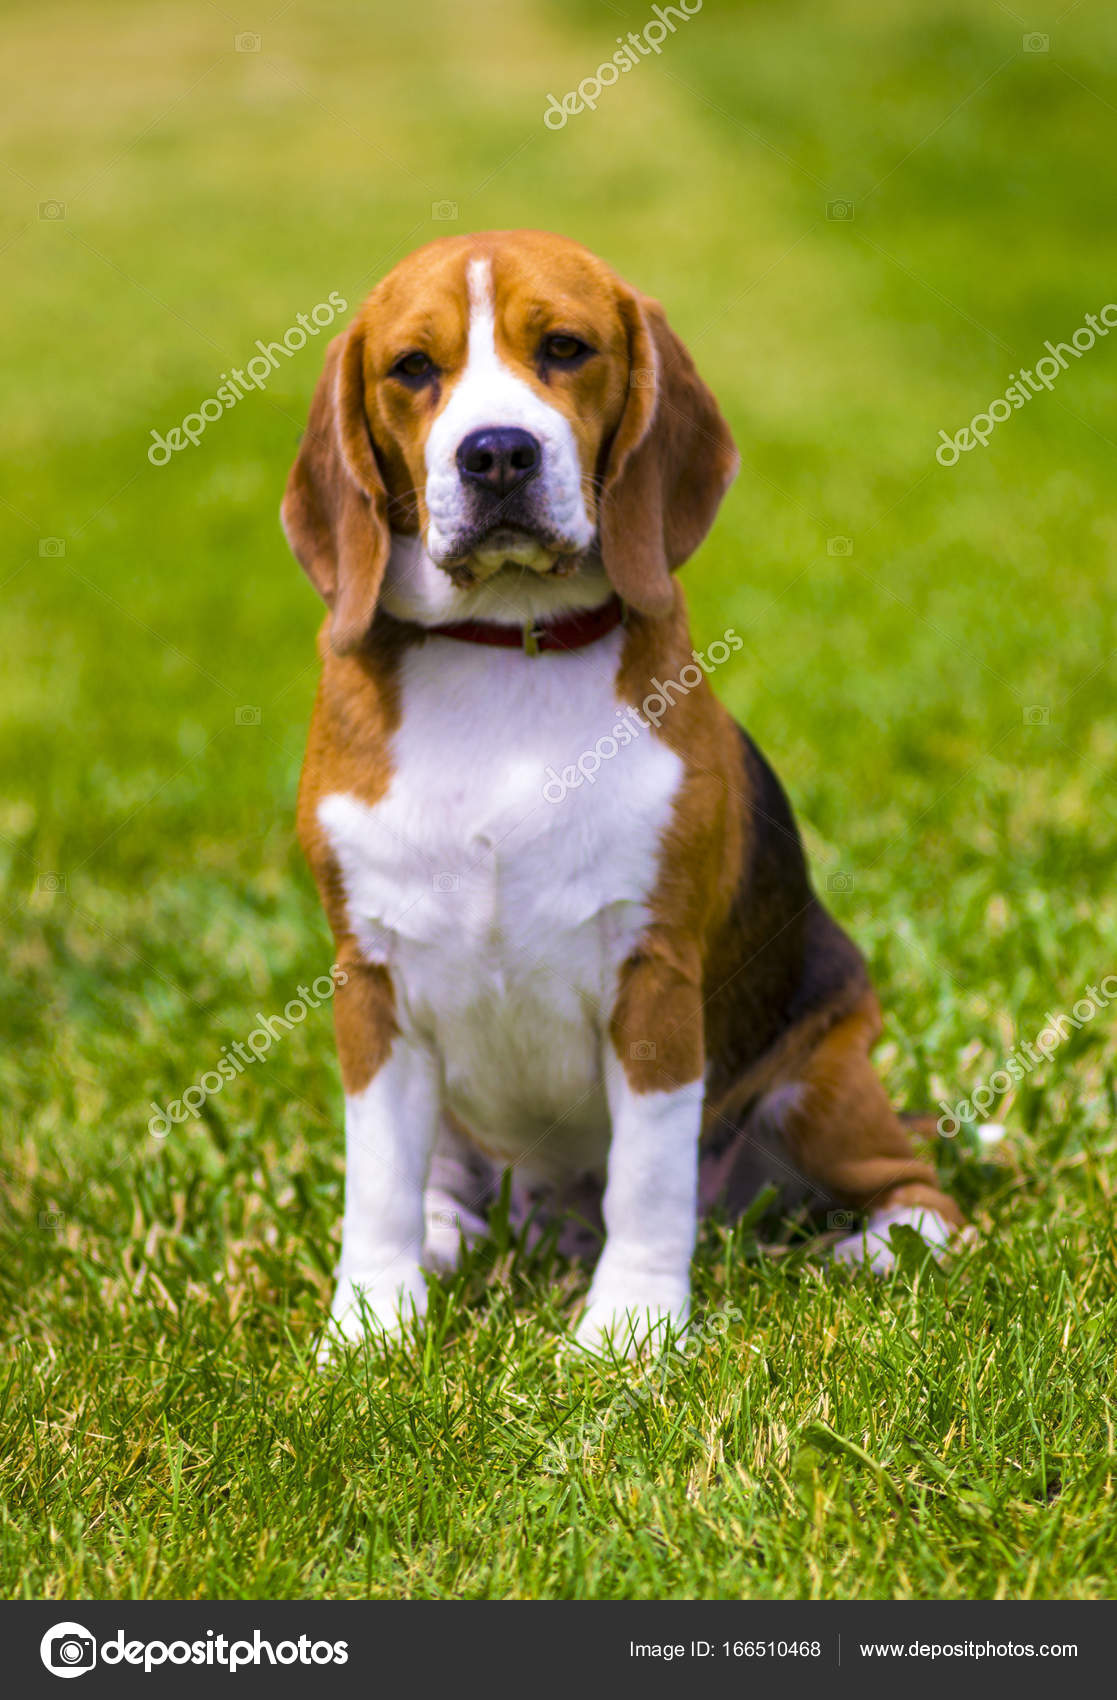 beagle dog on a green lawn dog beagle beagle dog stock photo